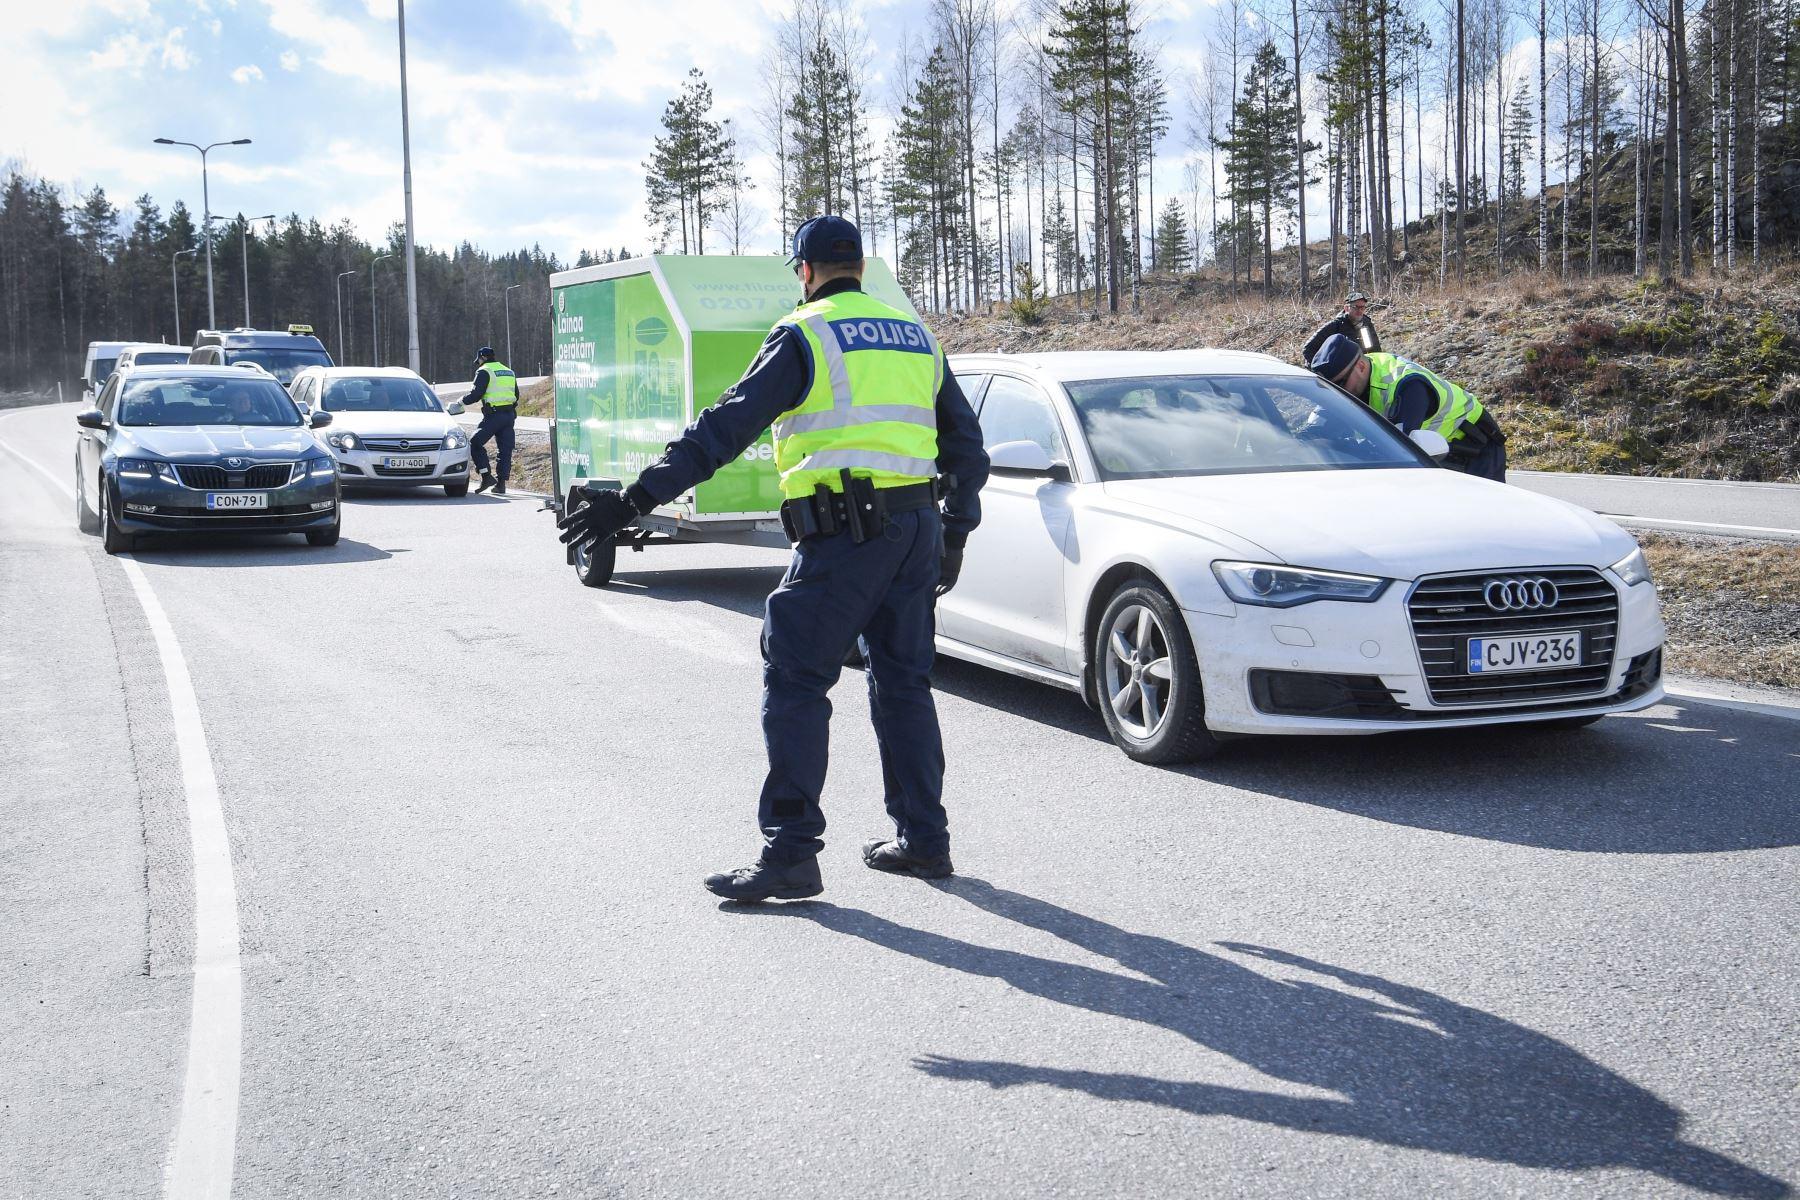 Un oficial de policía interactúa con un conductor en un puesto de control en la autopista E75, que conecta Helsinki y Lahti, en Orimattila, Finlandia. Foto: EFE